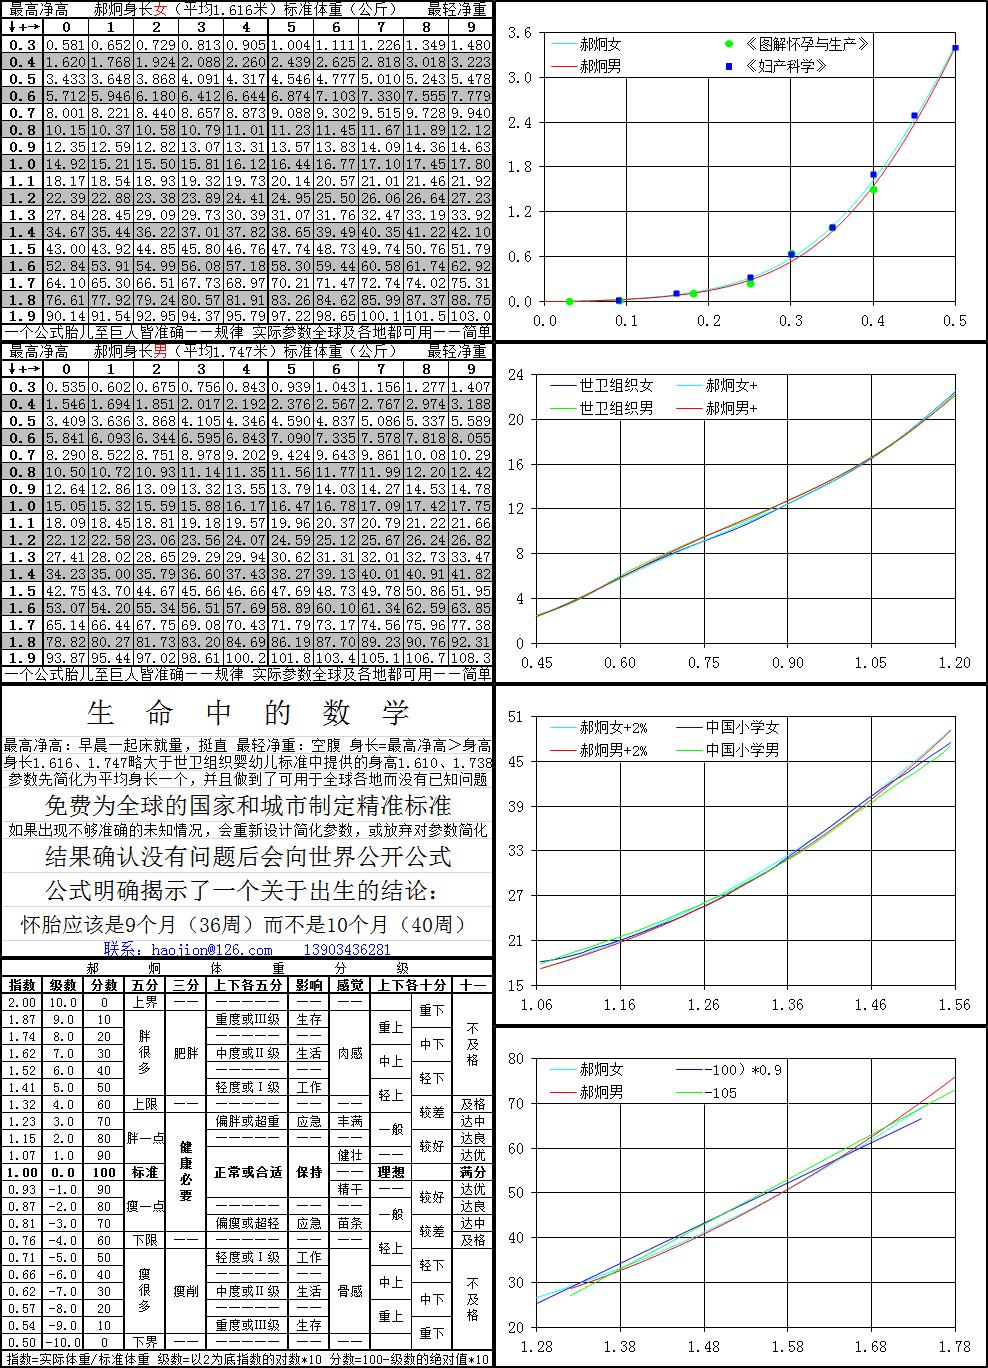 男子标准体重对照表